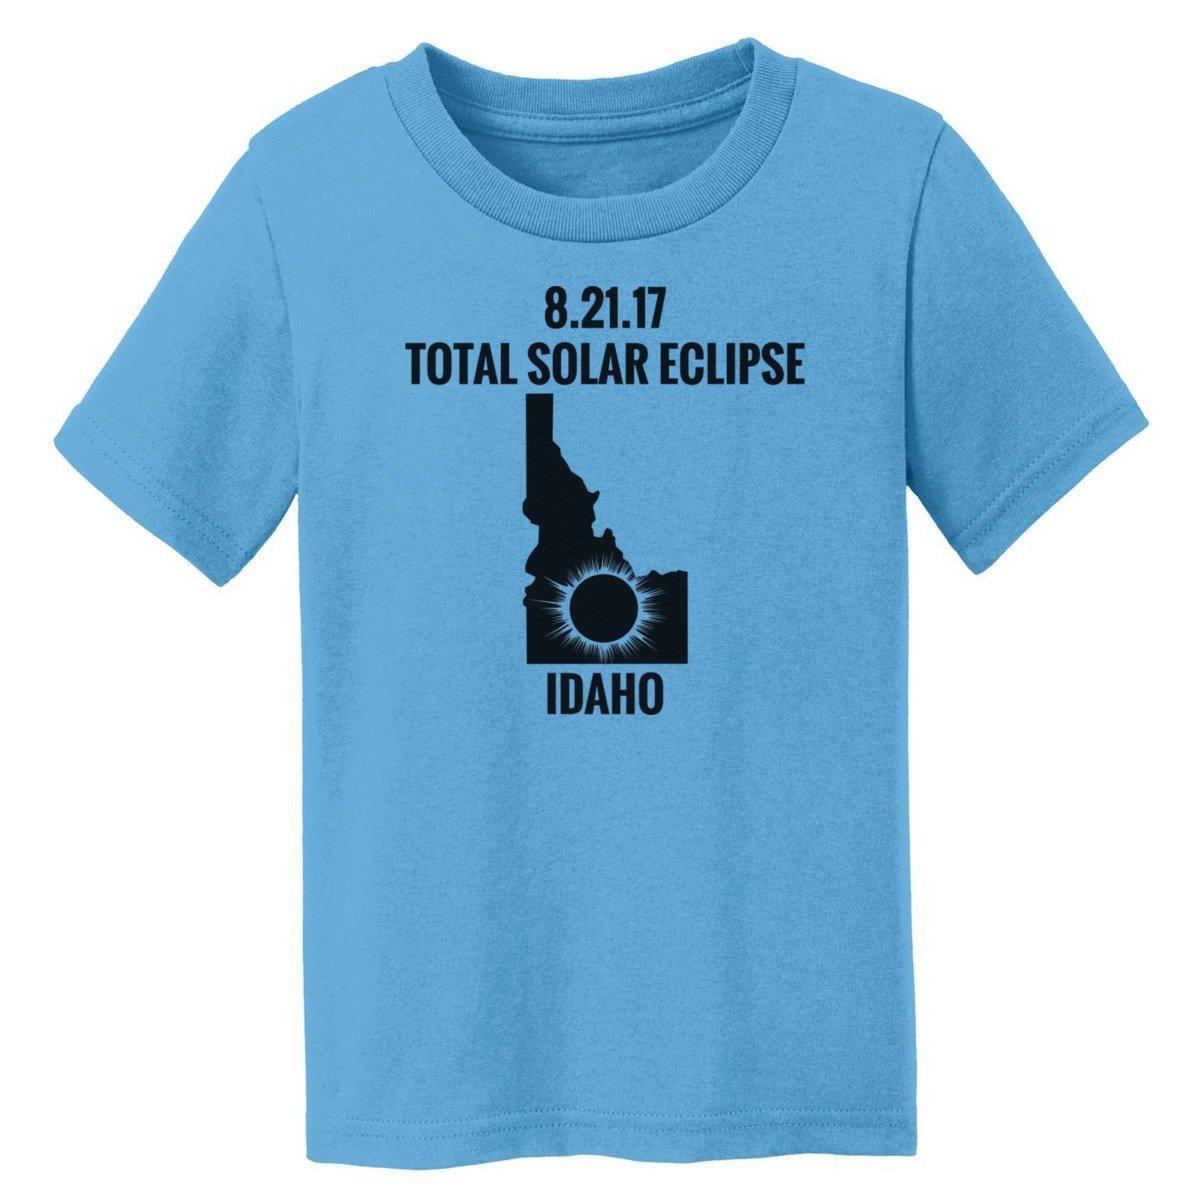 『2年保証』 Digital T-Shirt Shop L SHIRT ベビーボーイズ Digital L T-Shirt アクアブルー B073TK7VMJ, First Pure:16b484b6 --- a0267596.xsph.ru